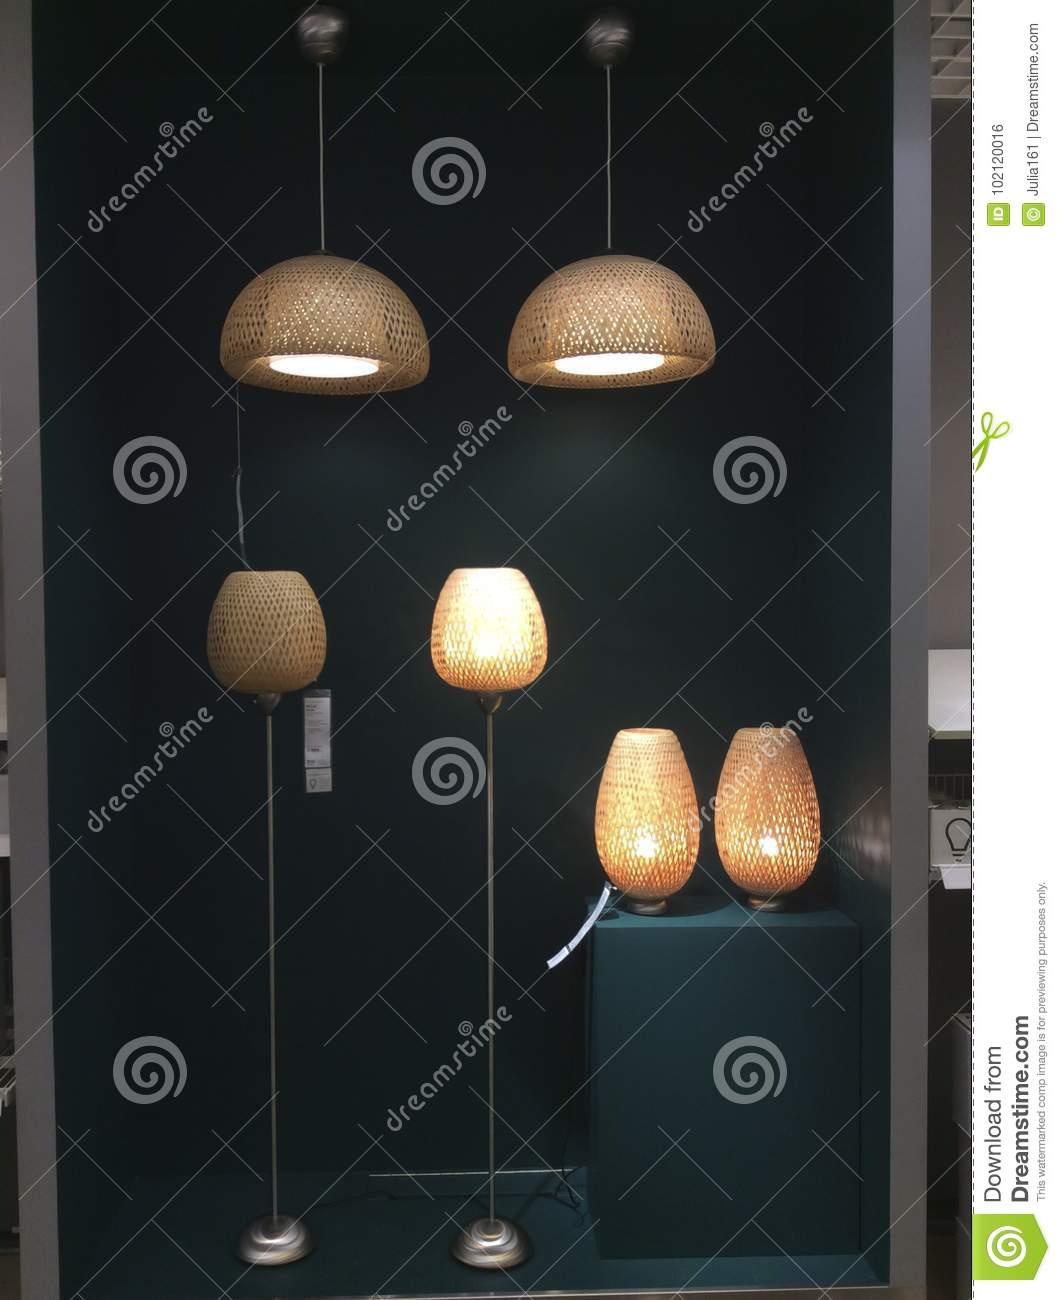 Full Size of Leuchter Und Lampen In Ikea Shop Redaktionelles Foto Bild Von Wohnzimmer Modulküche Betten Bei Esstisch Für Küche Kosten Miniküche Schlafzimmer Led Kaufen Wohnzimmer Ikea Lampen